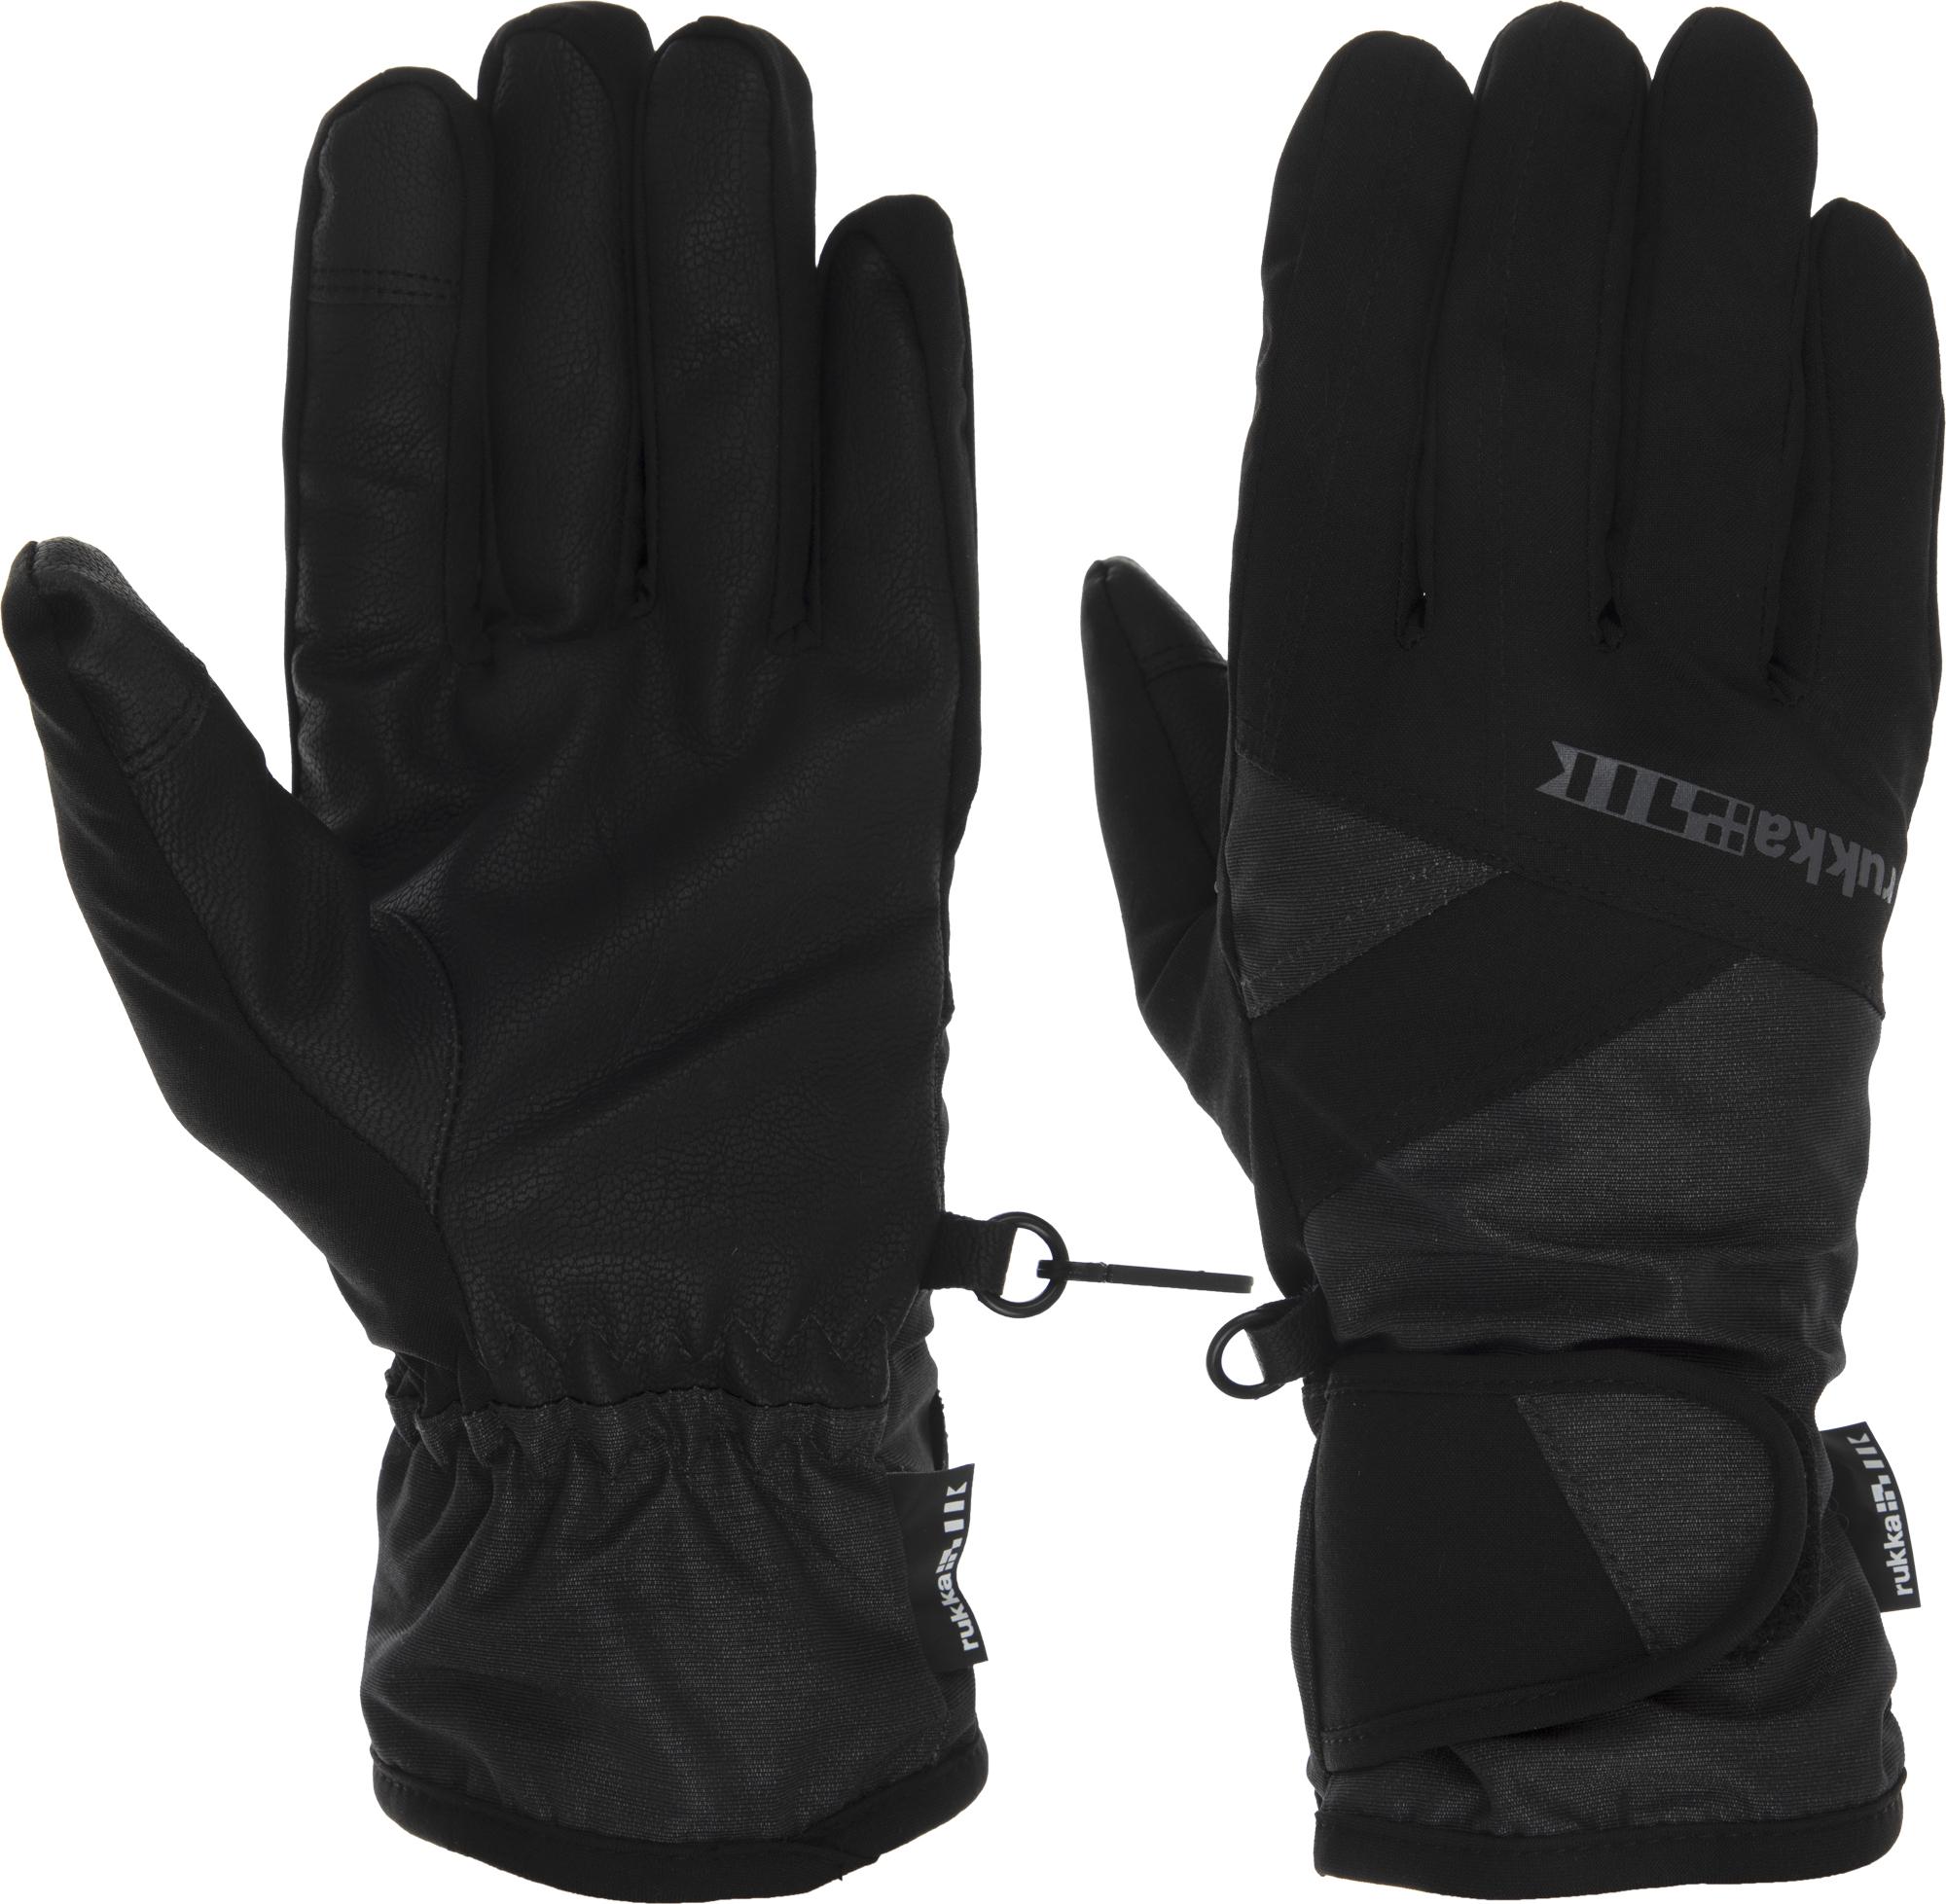 Фото - Rukka Перчатки мужские Rukka, размер 10-10,5 брюки мужские rukka цвет черный 373364253rv 990 размер xxl 56